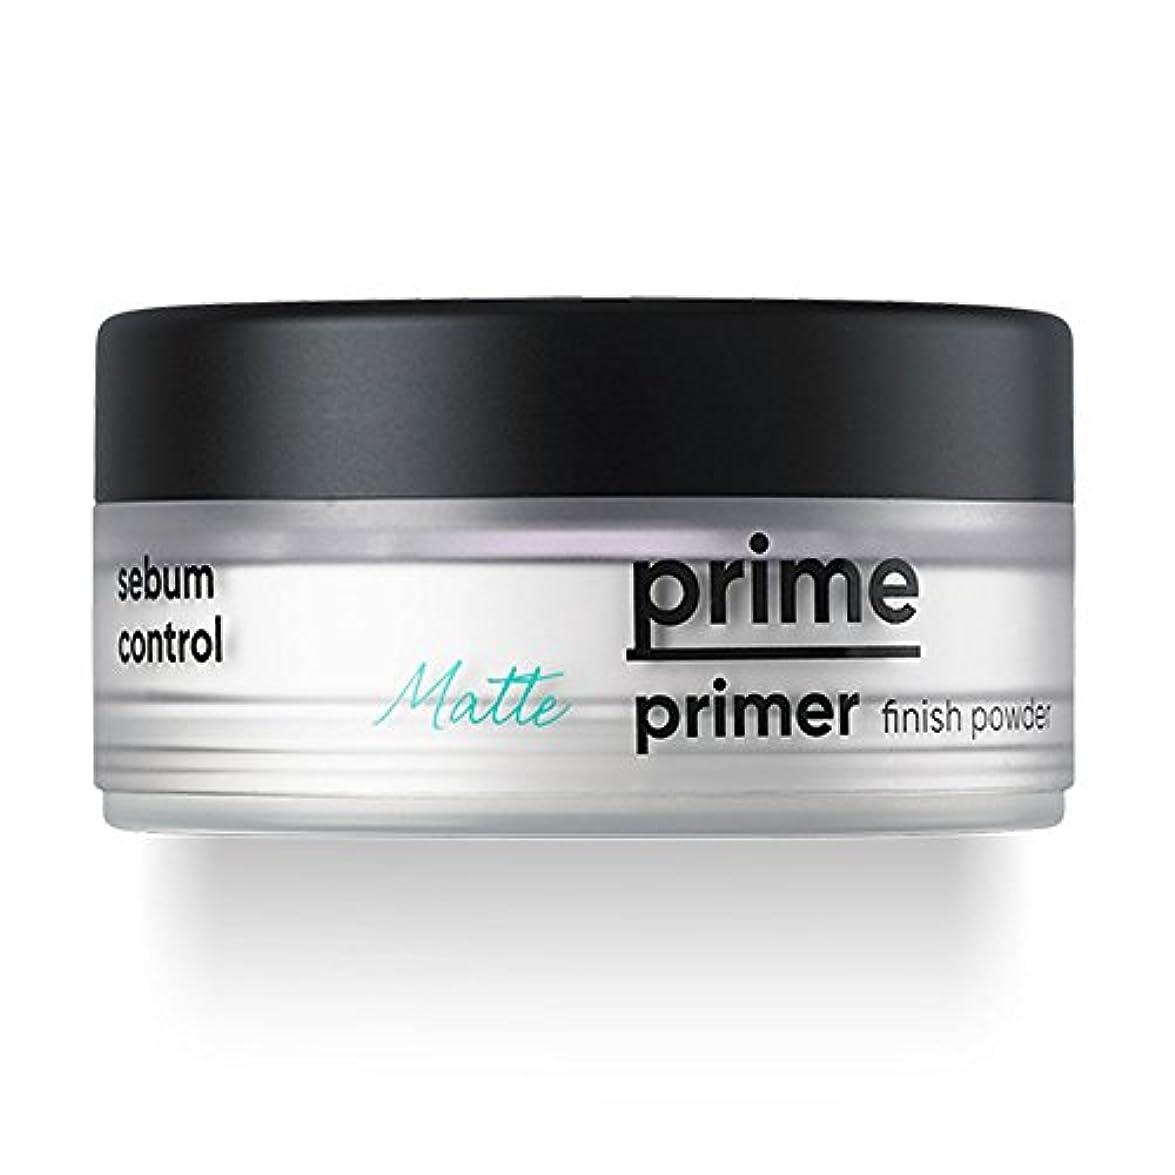 腕差し控える株式会社BANILA CO(バニラコ) プライム プライマー フィニッシュ パウダー Prime Primer Matte Finish Powder 12g